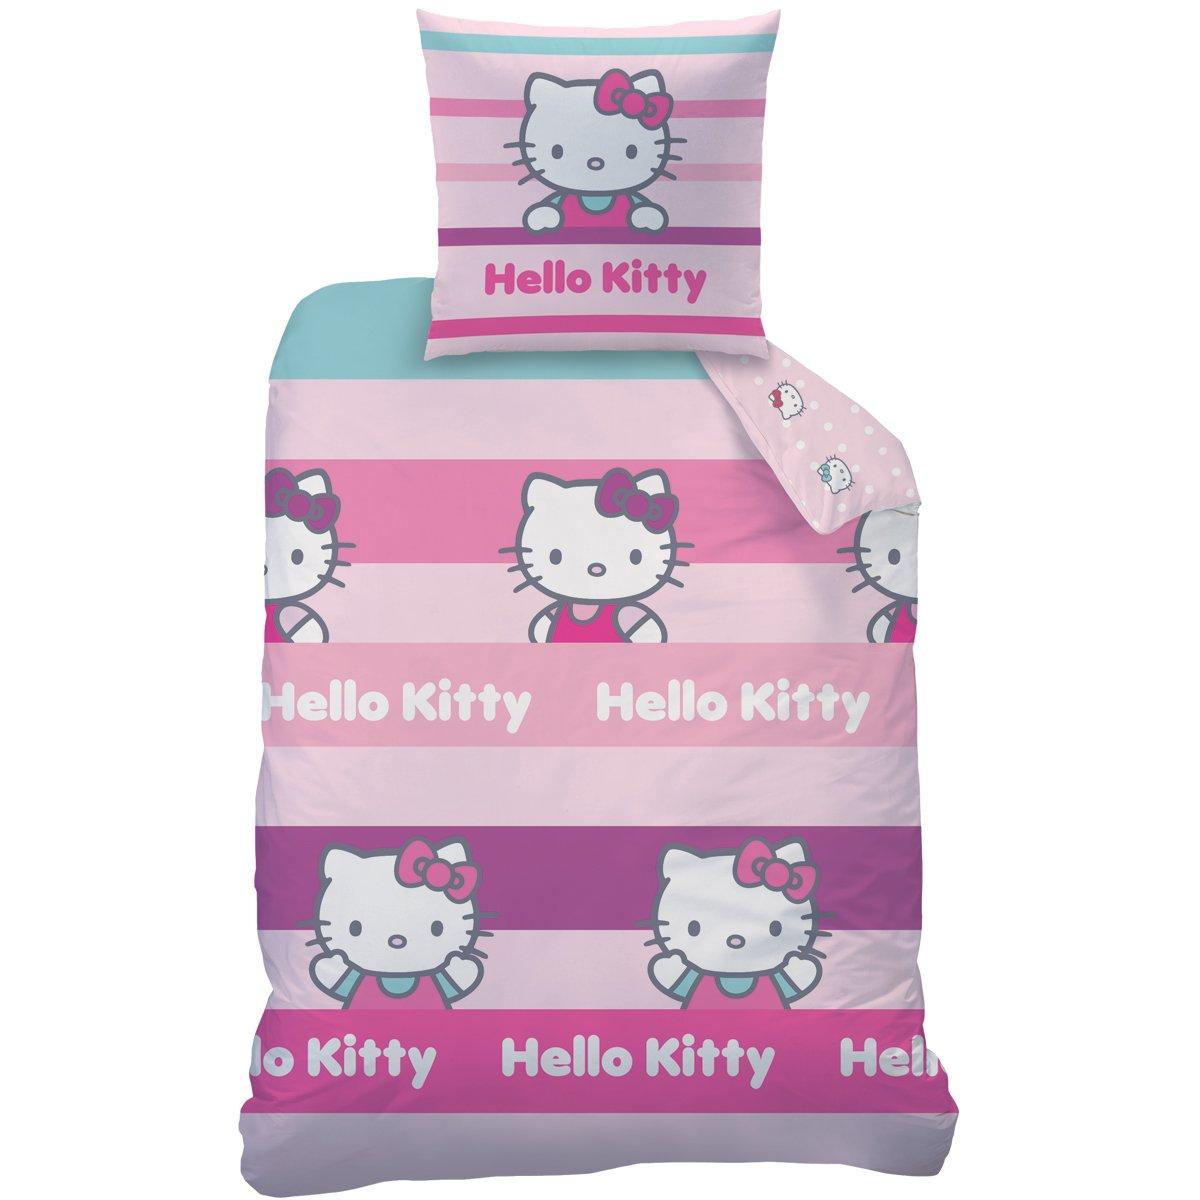 CTI 042830 Hello Kitty - Juego de Cama con Funda nórdica de 140 x 200 cm y 1 Funda de Almohada DE 63 x 63 cm, algodón y poliéster, 2 Unidades, Color ...